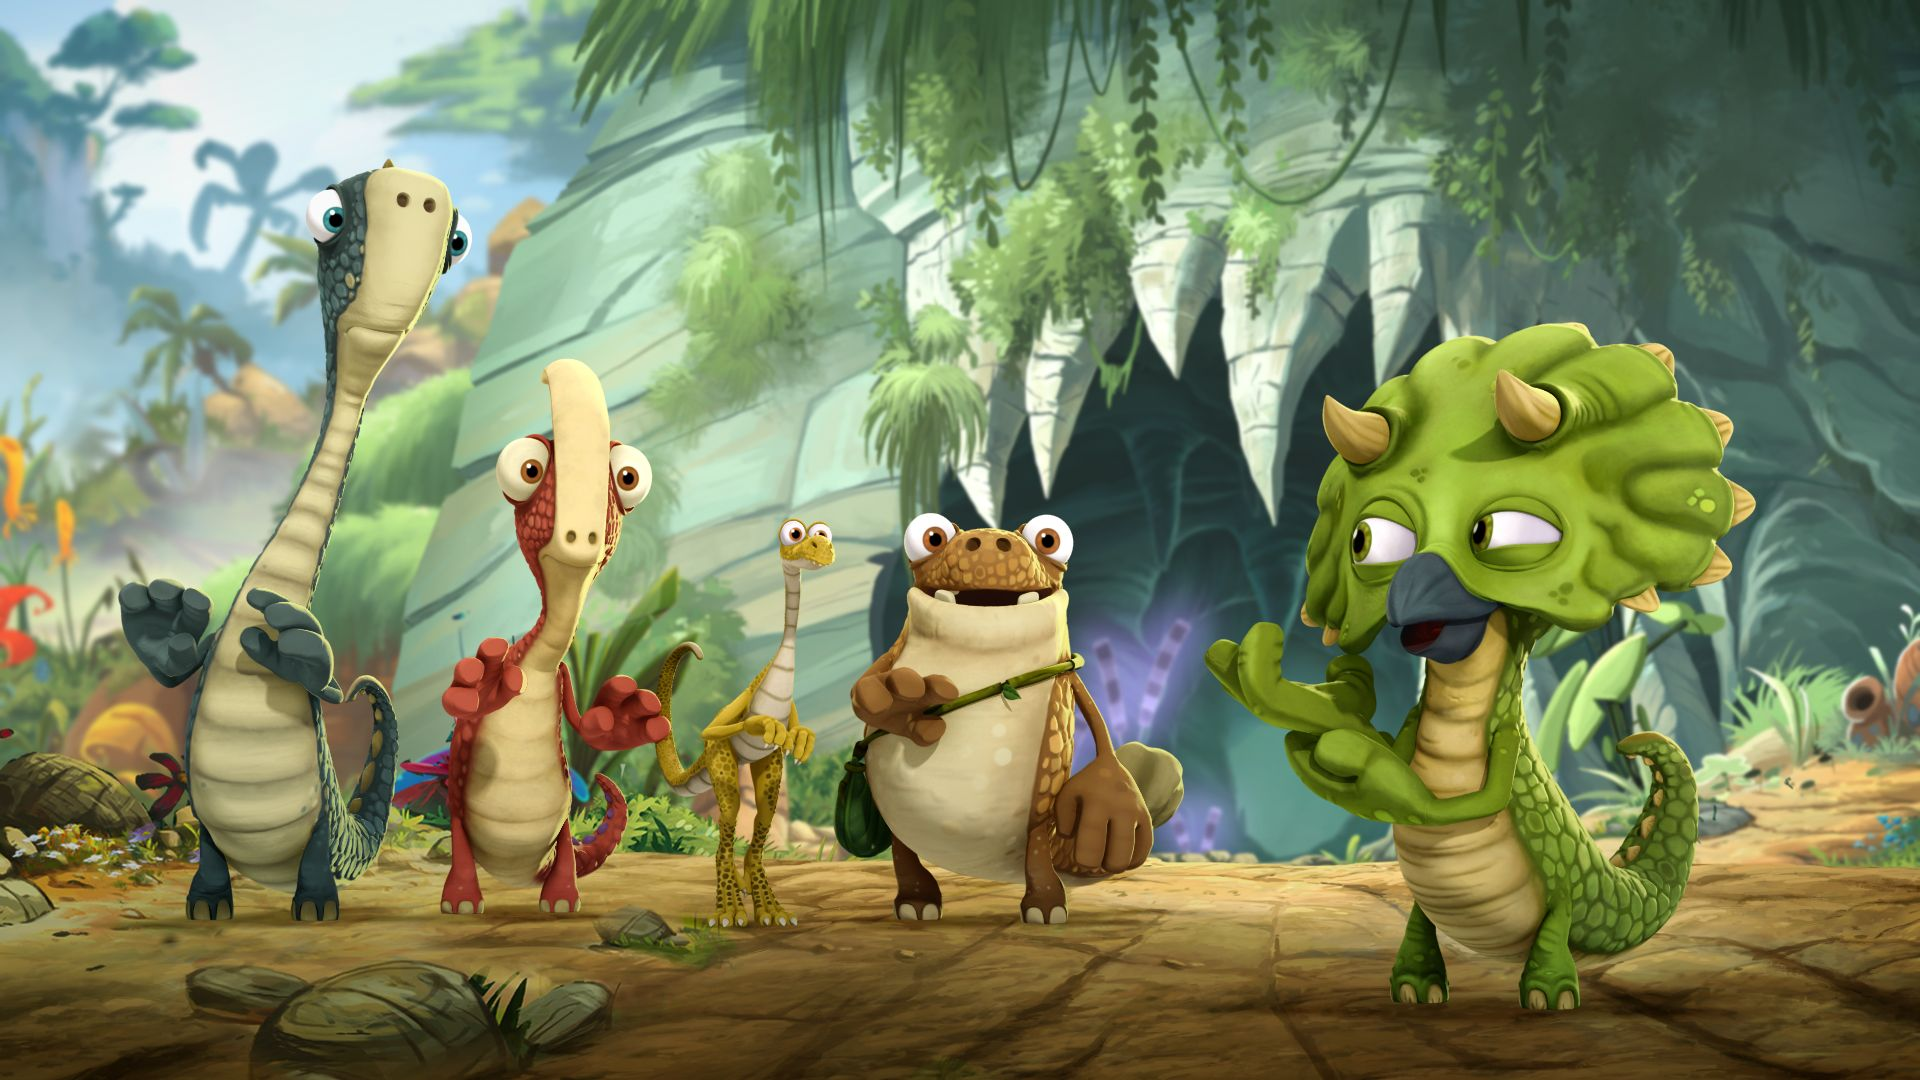 Bild: Gigantosaurus Szenenbild